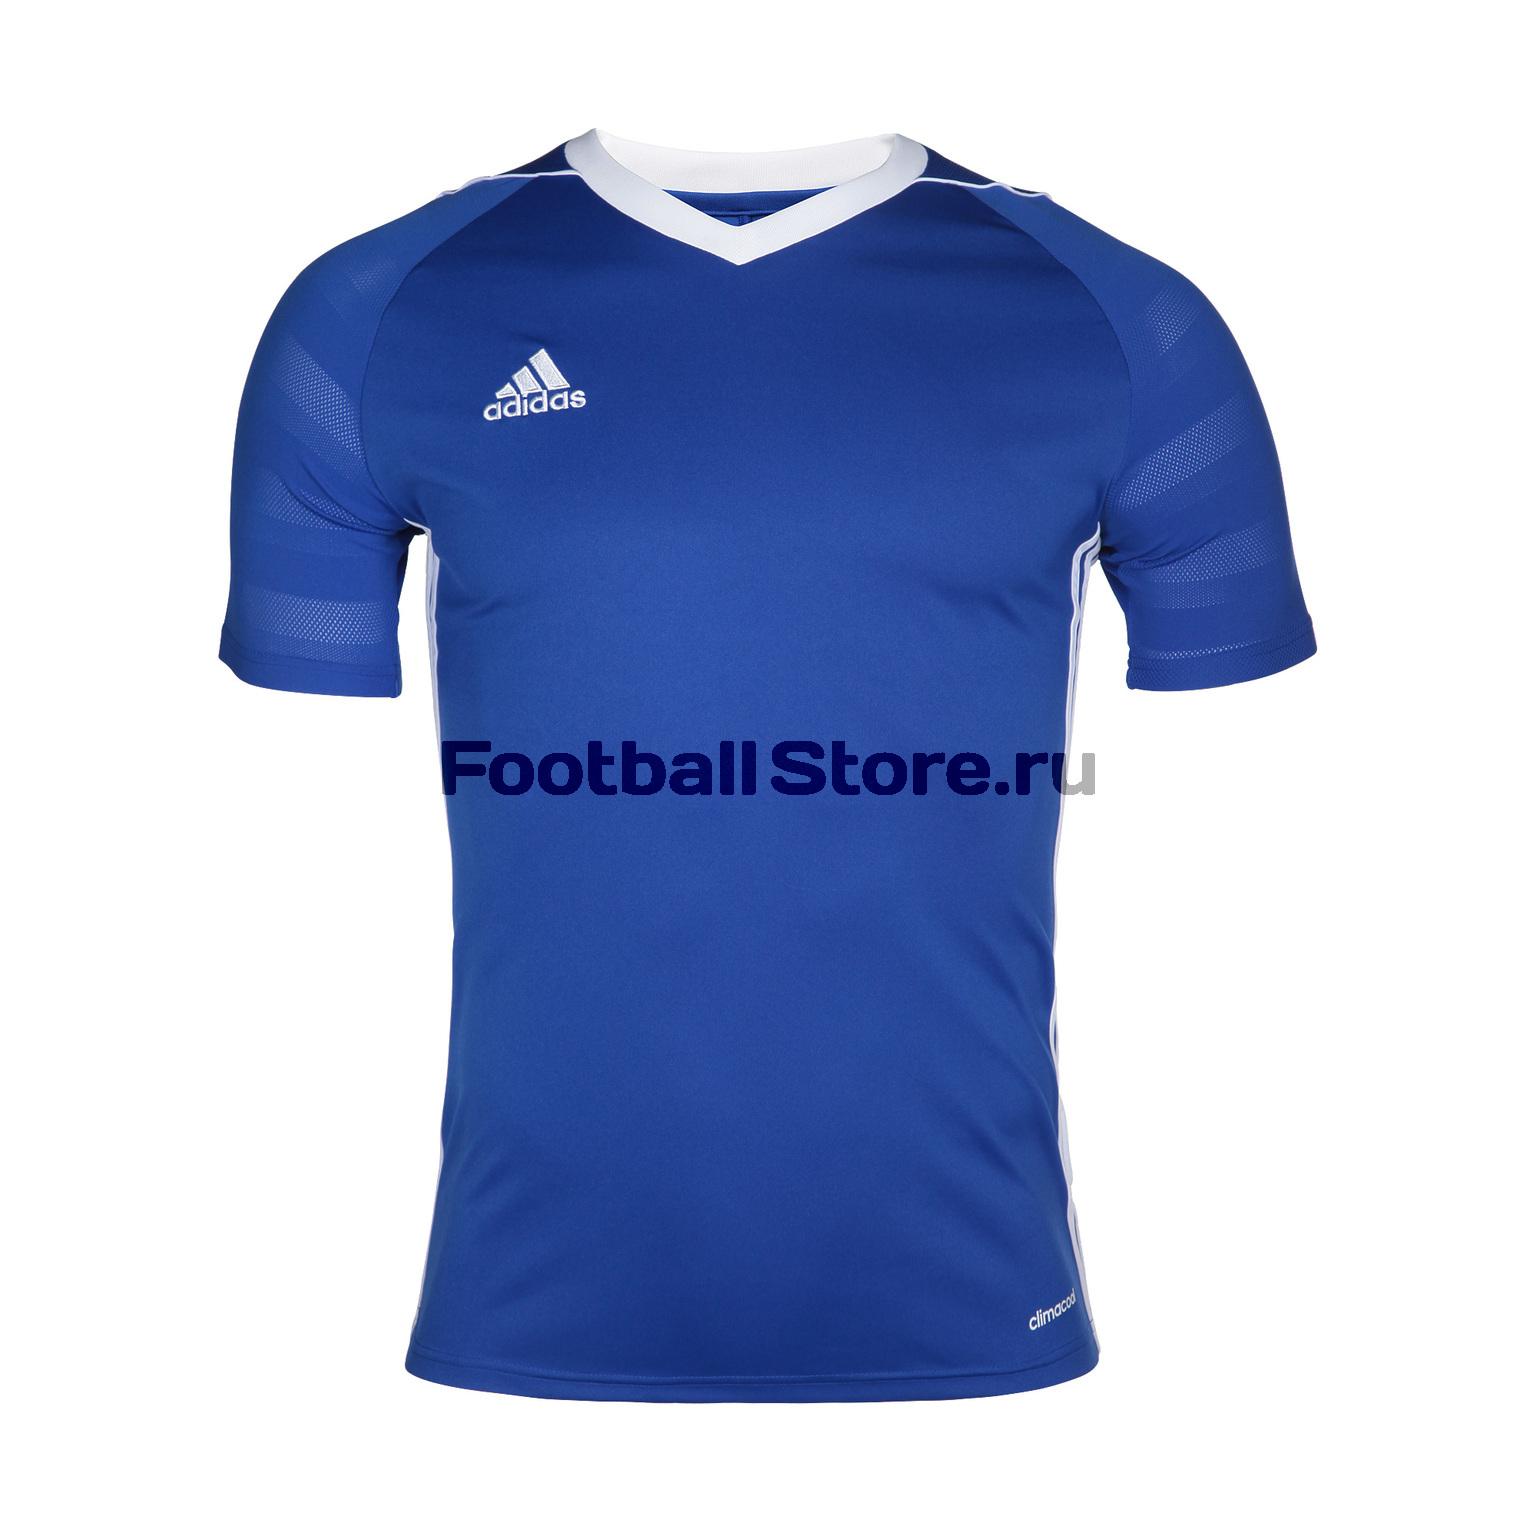 Футболка игровая Adidas Tiro17 JSY BK5439